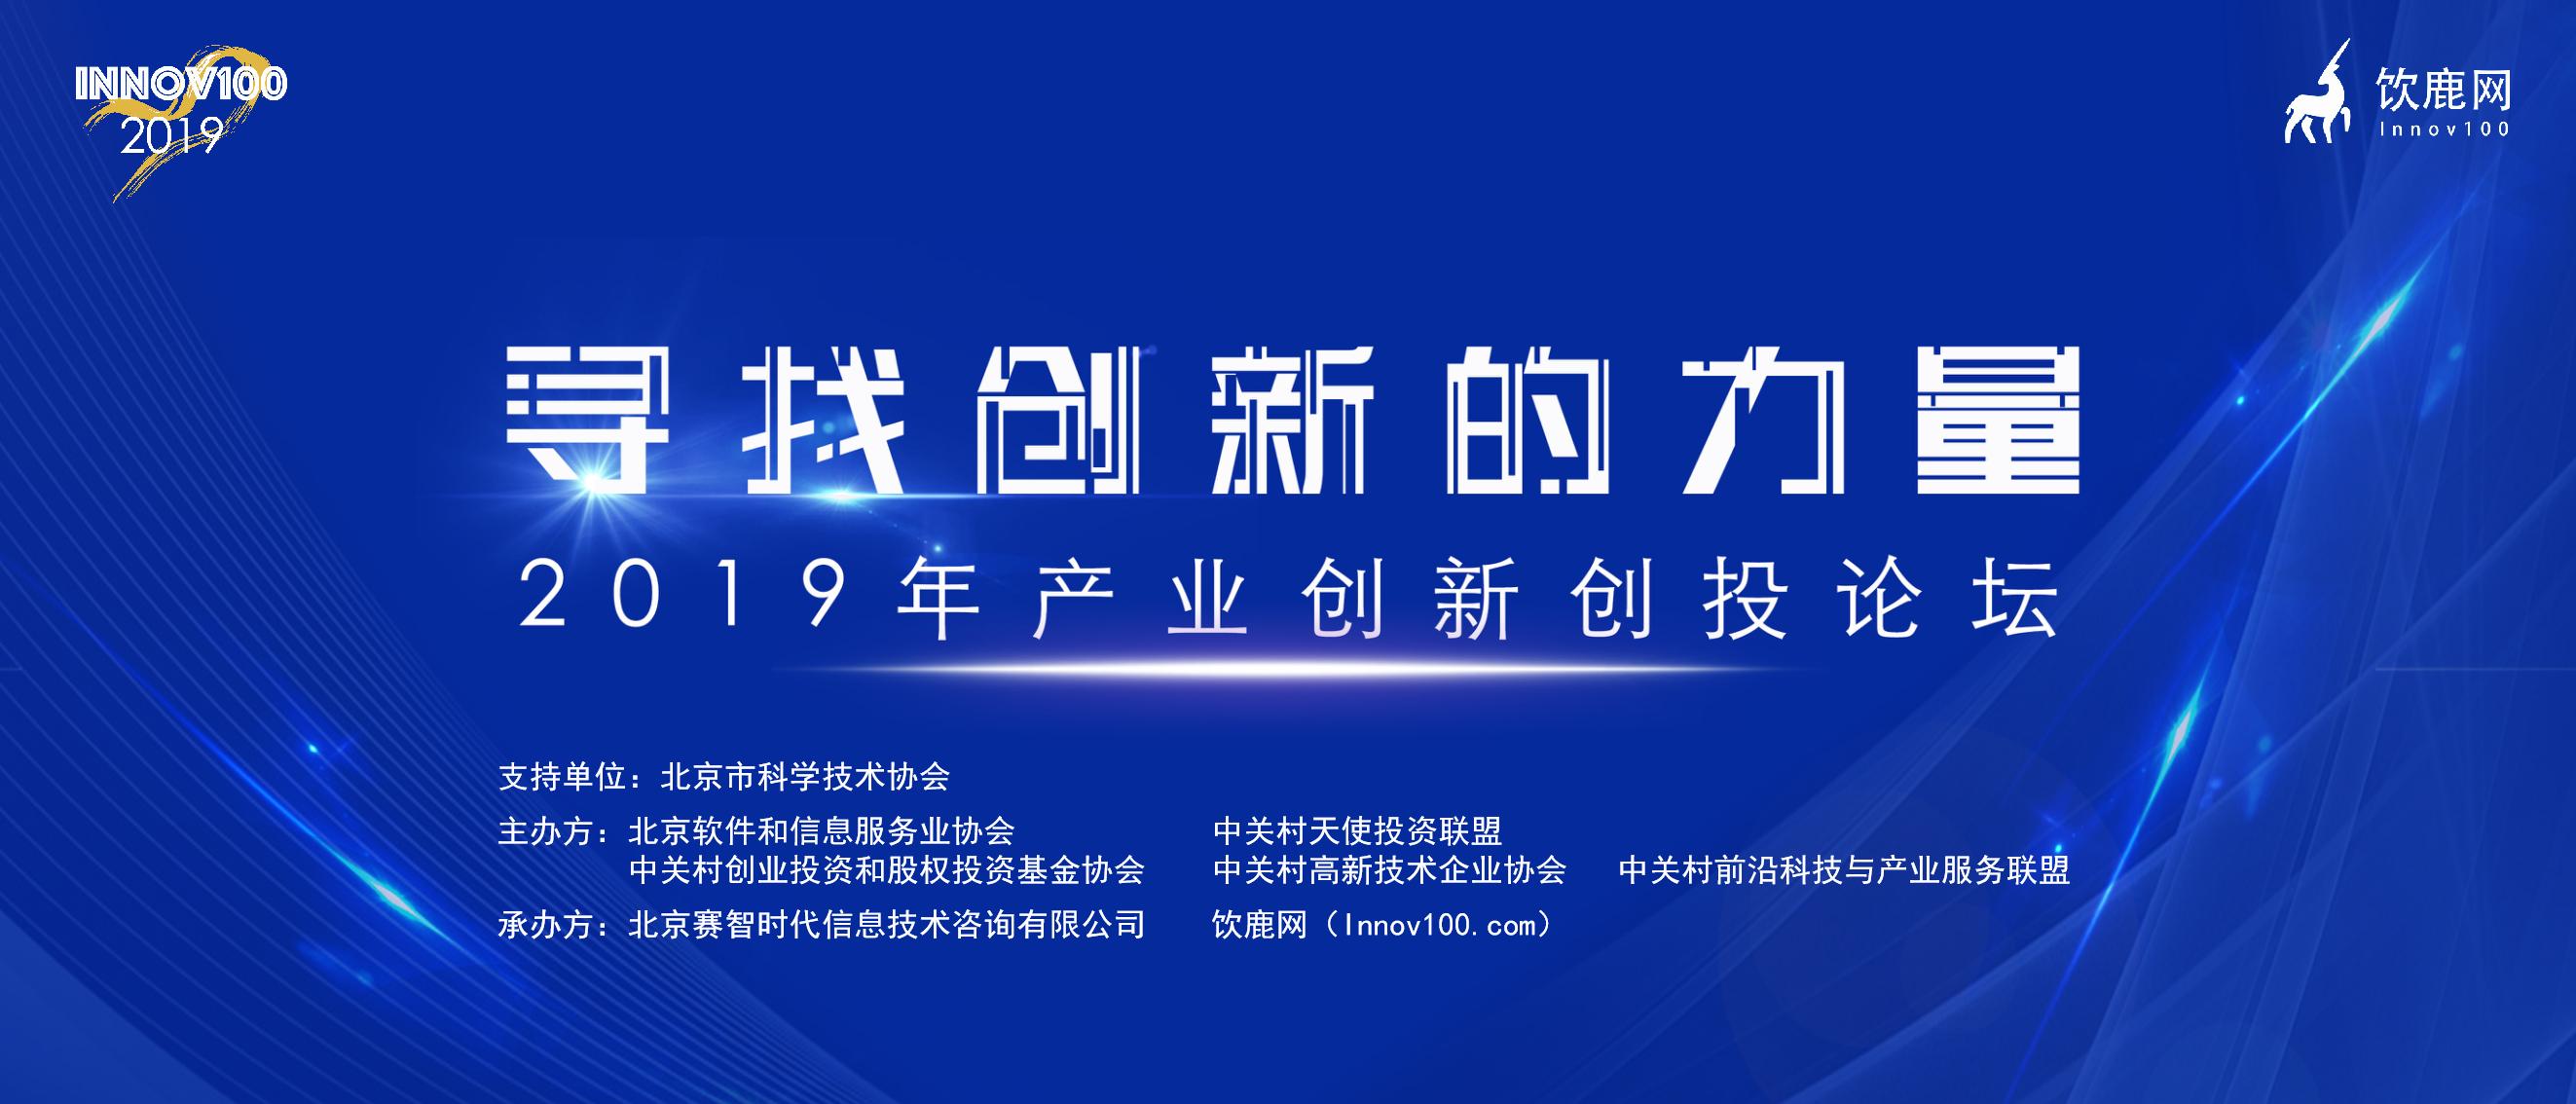 2019年产业创新创投论坛在京成功举办